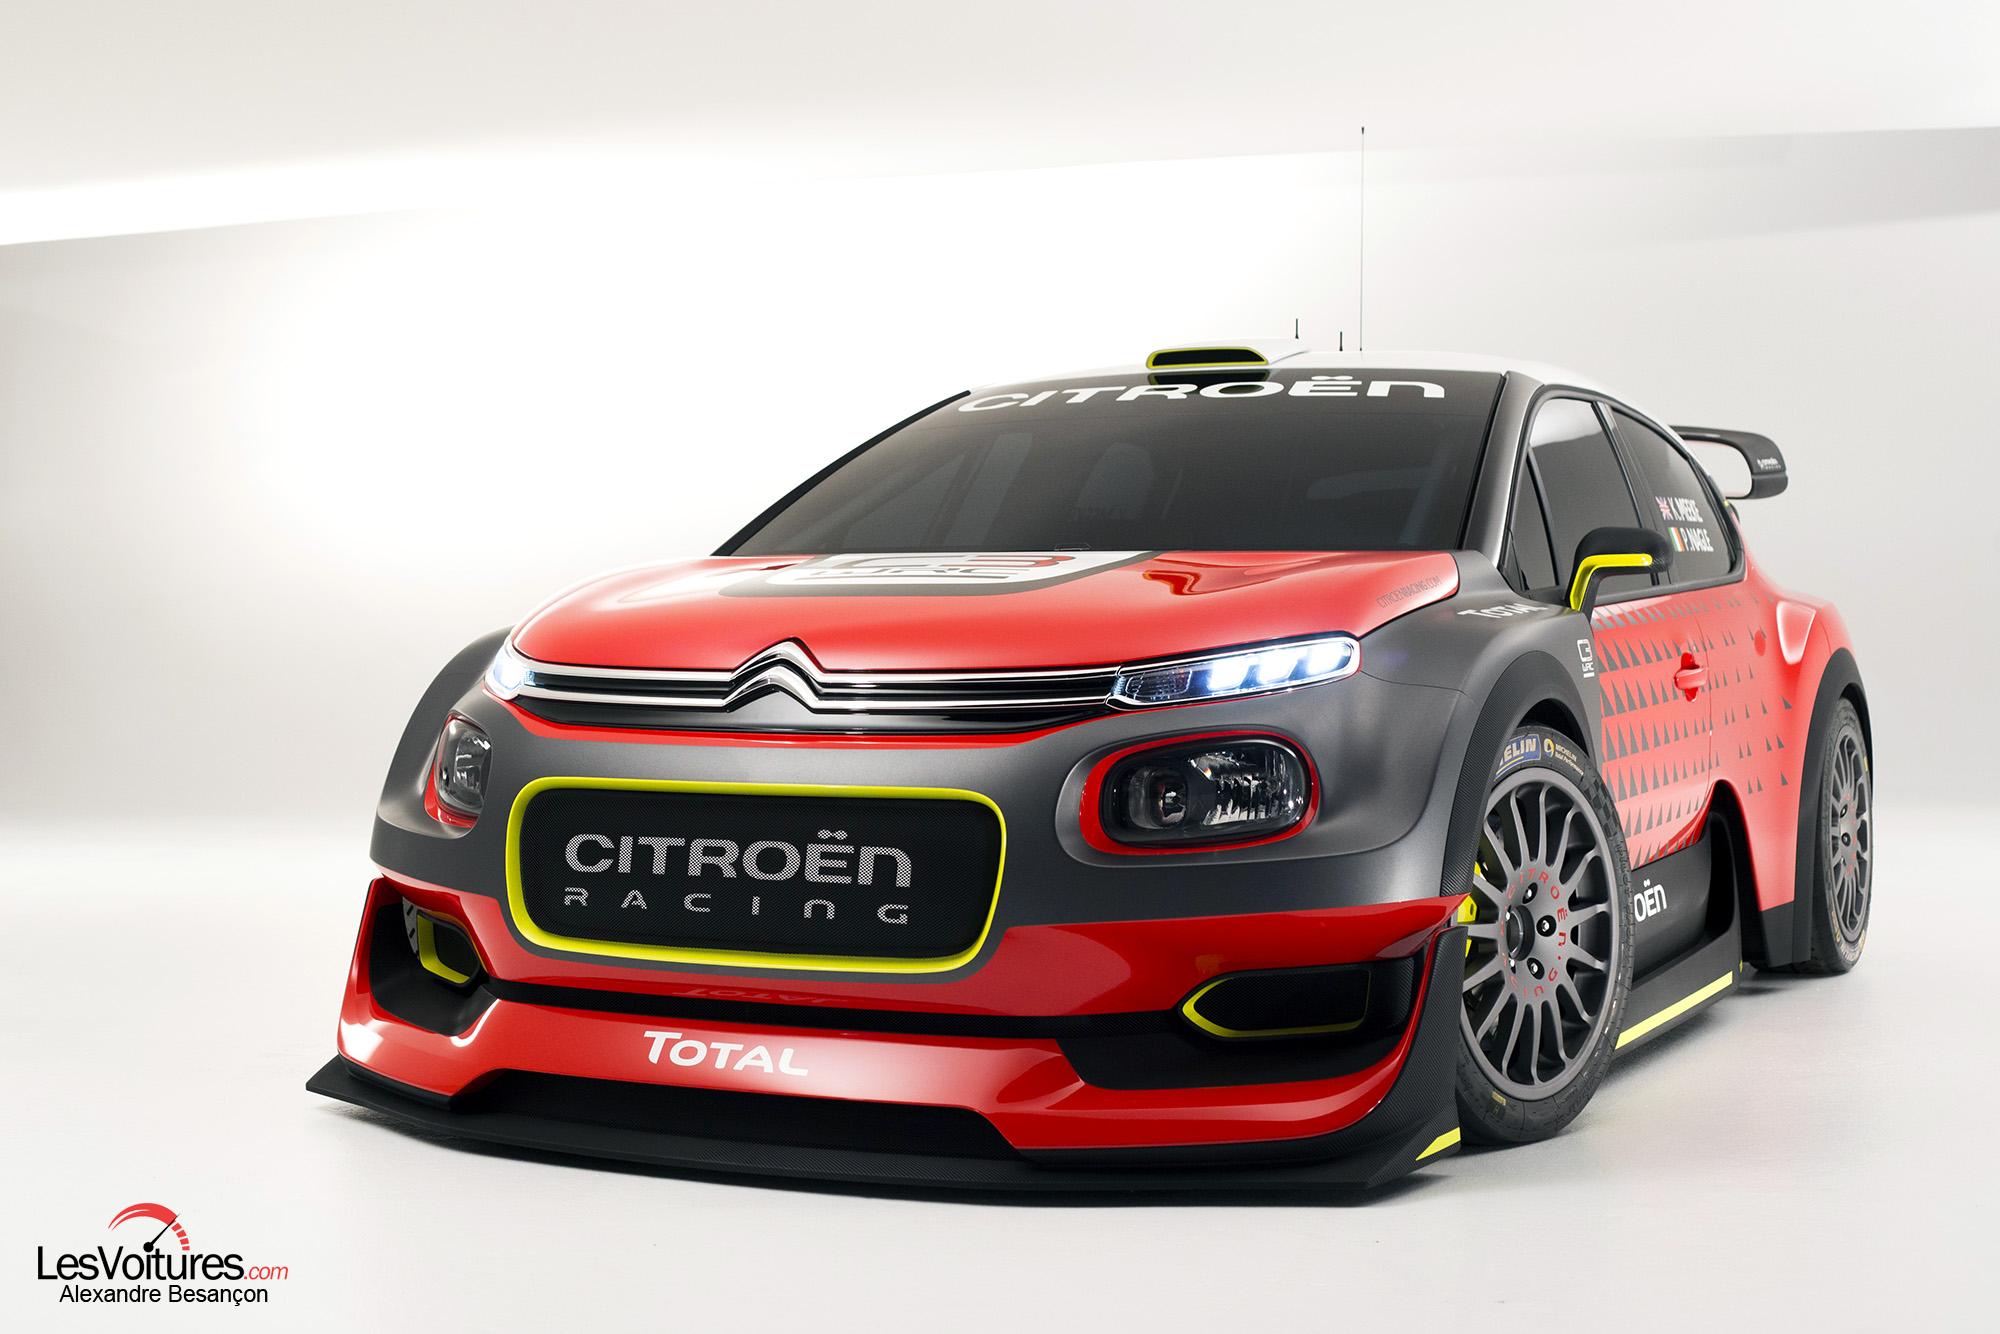 Citroen C3 Wrc Concept 2017 10 Les Voitures